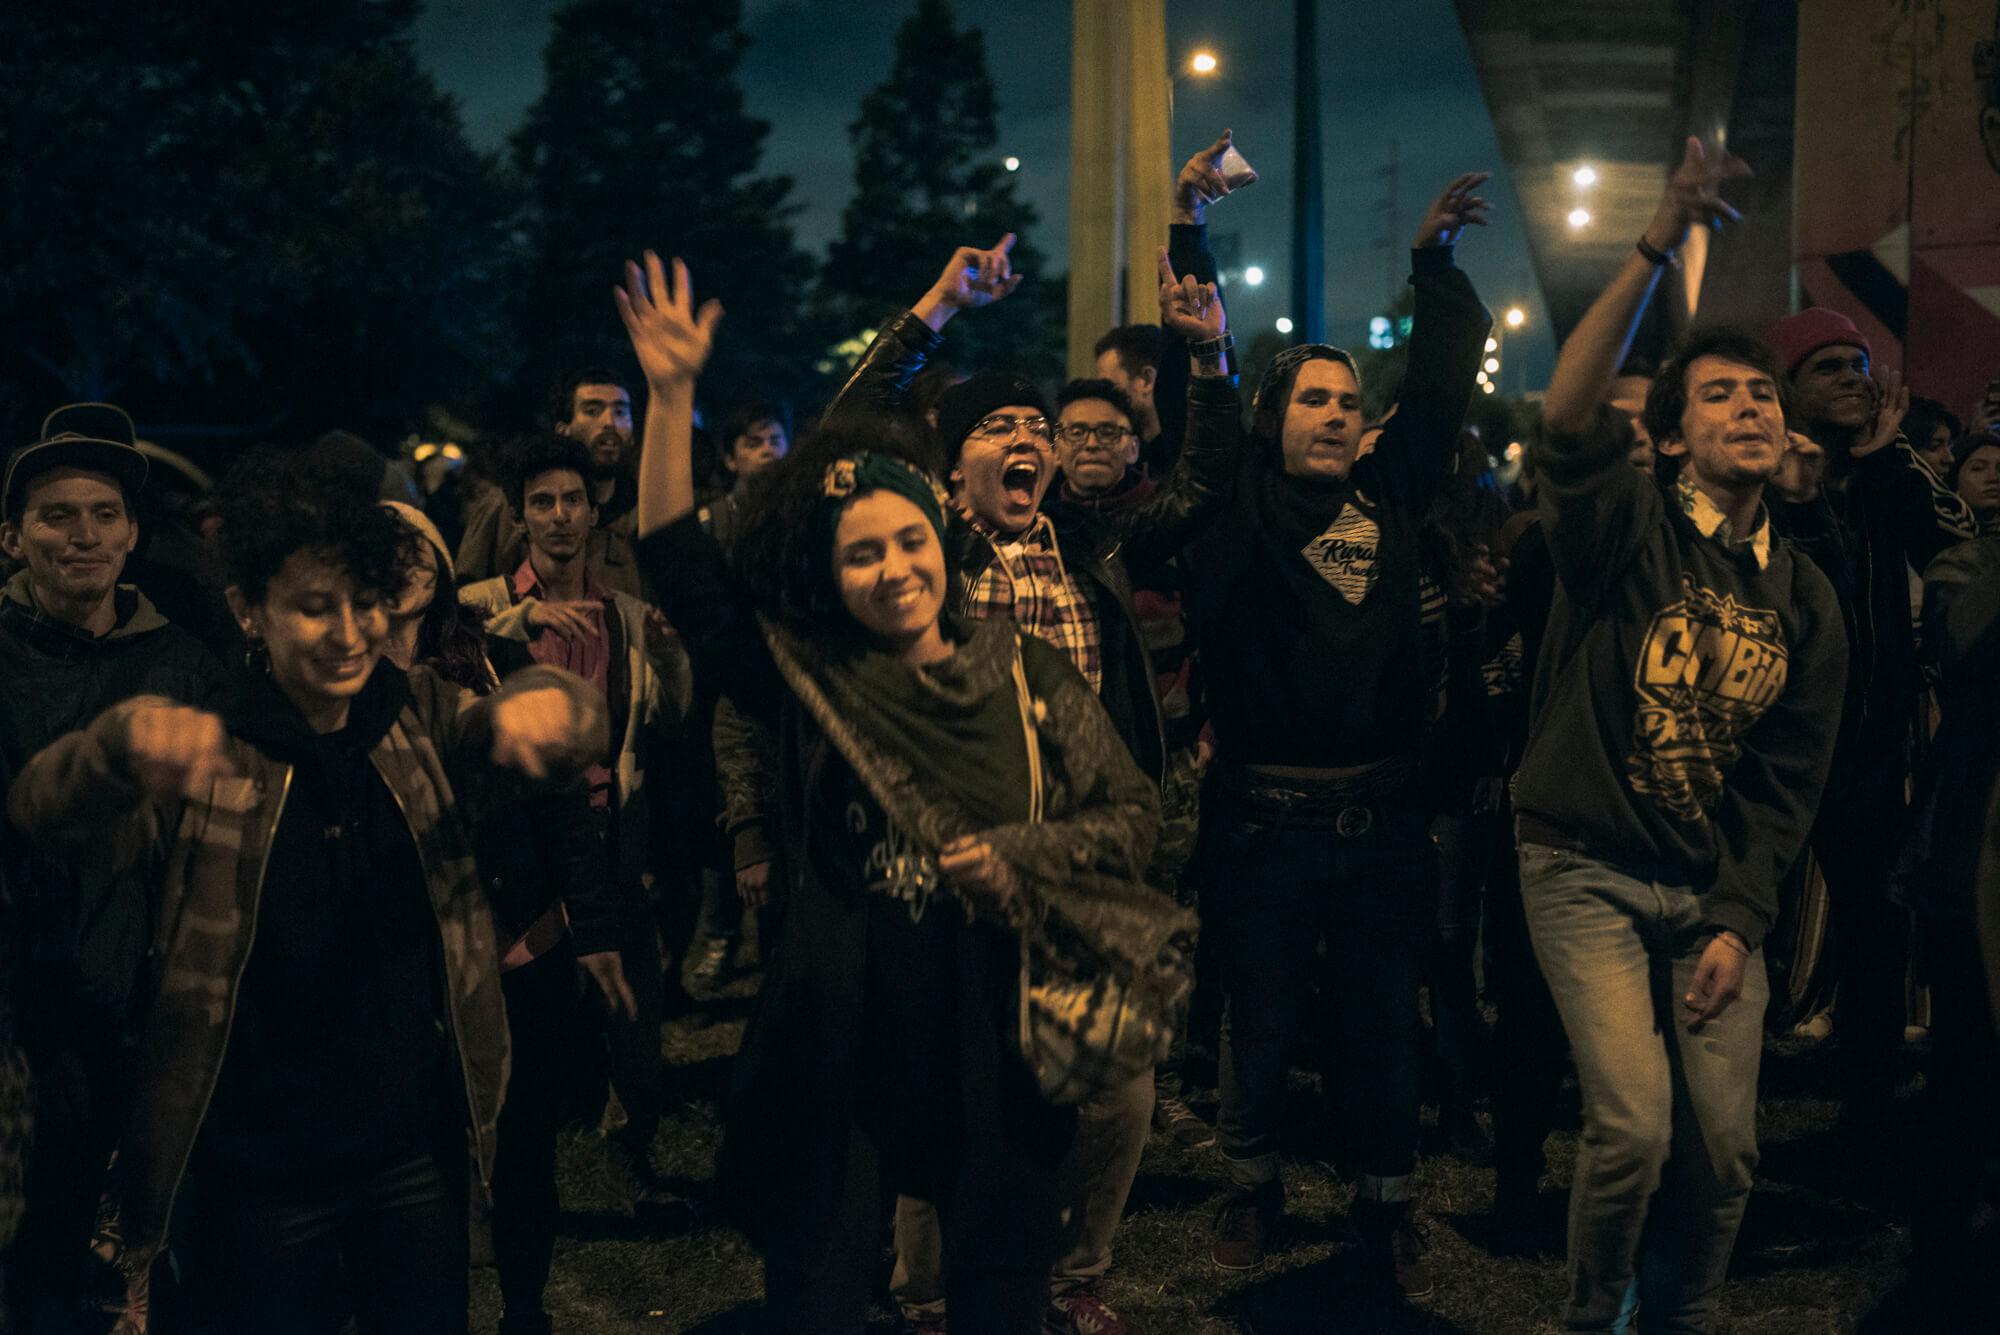 ¡Divergentes a la calle!: Así fue nuestra primera manifestación (debajo de un puente)